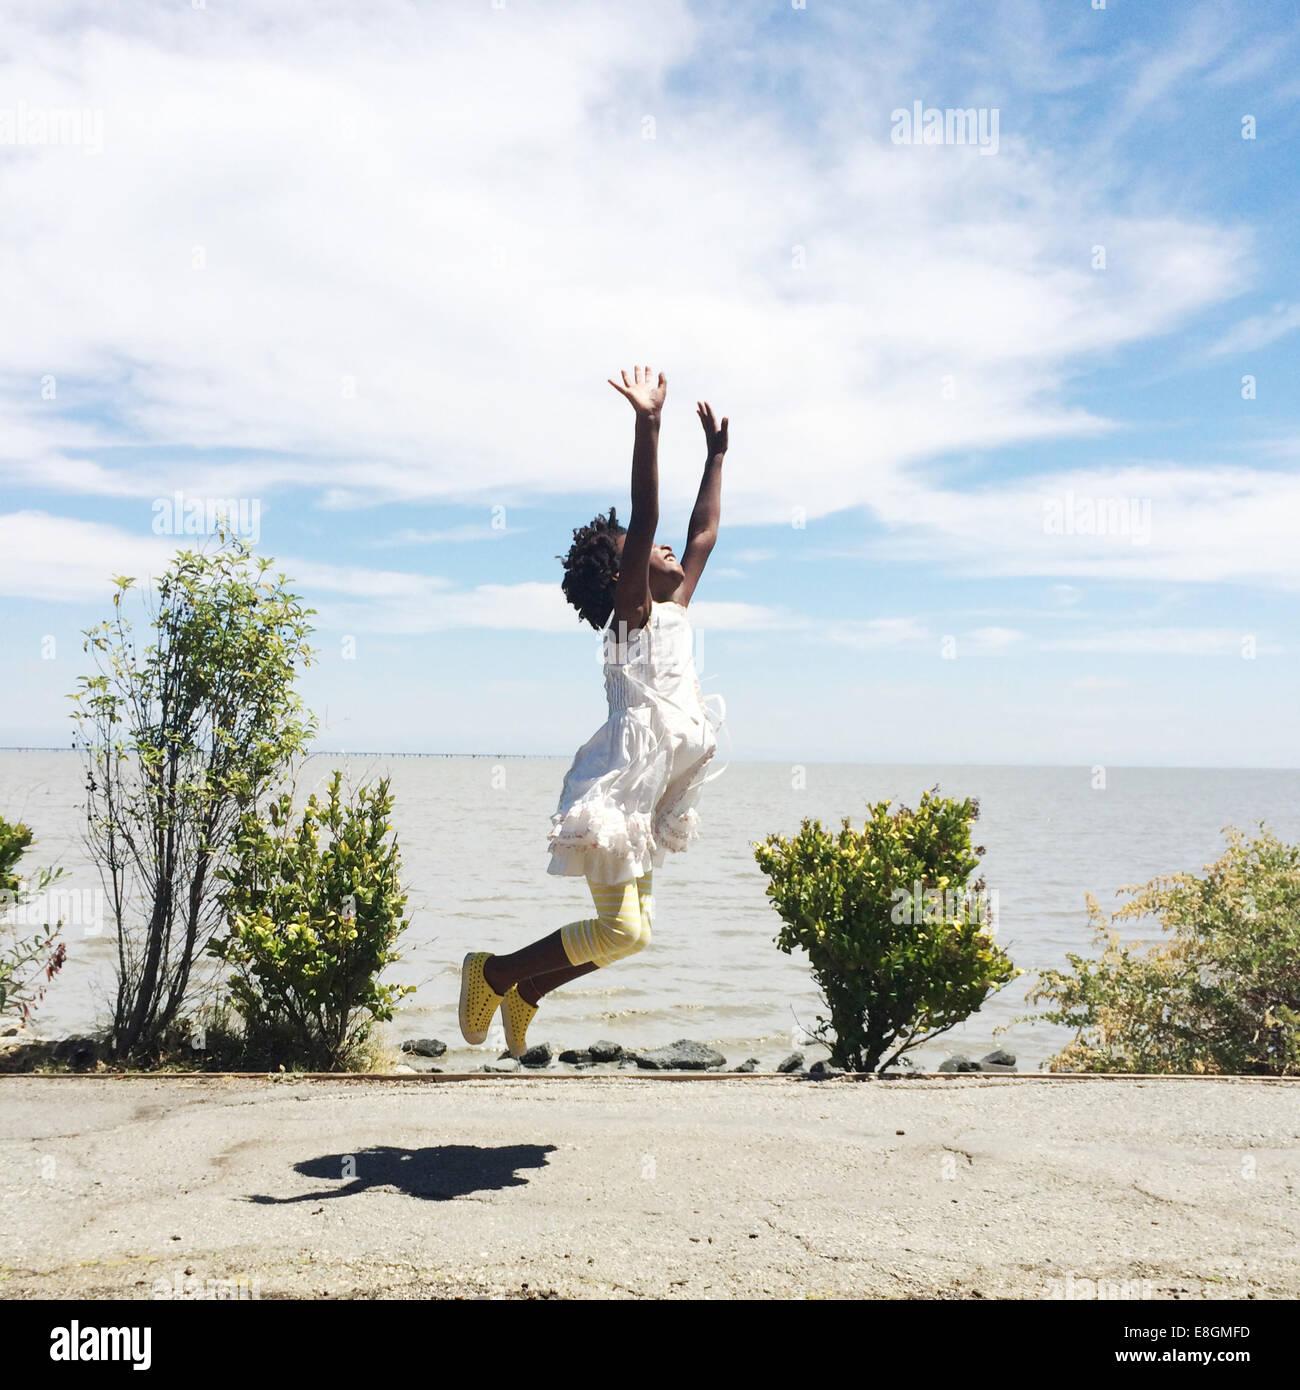 Chica saltar en el aire en la playa Imagen De Stock